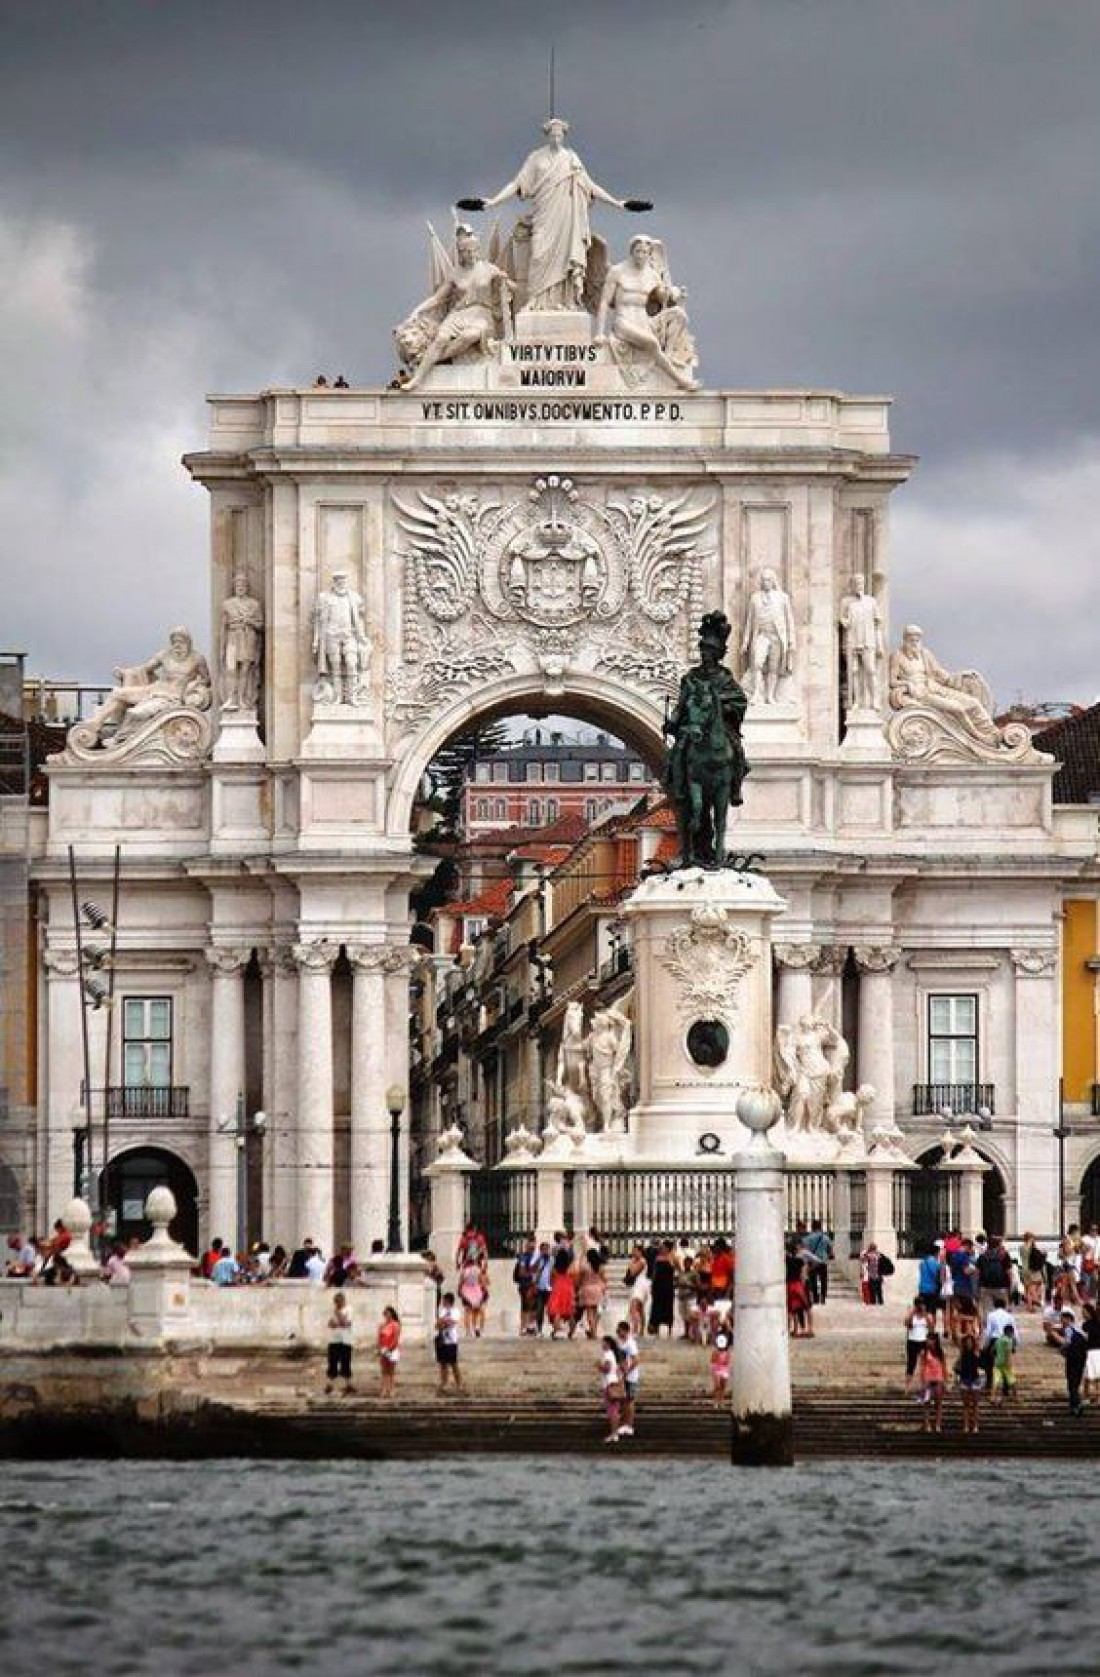 Праса-ду-Комерсиу - дворцовая площадь Лиссабона